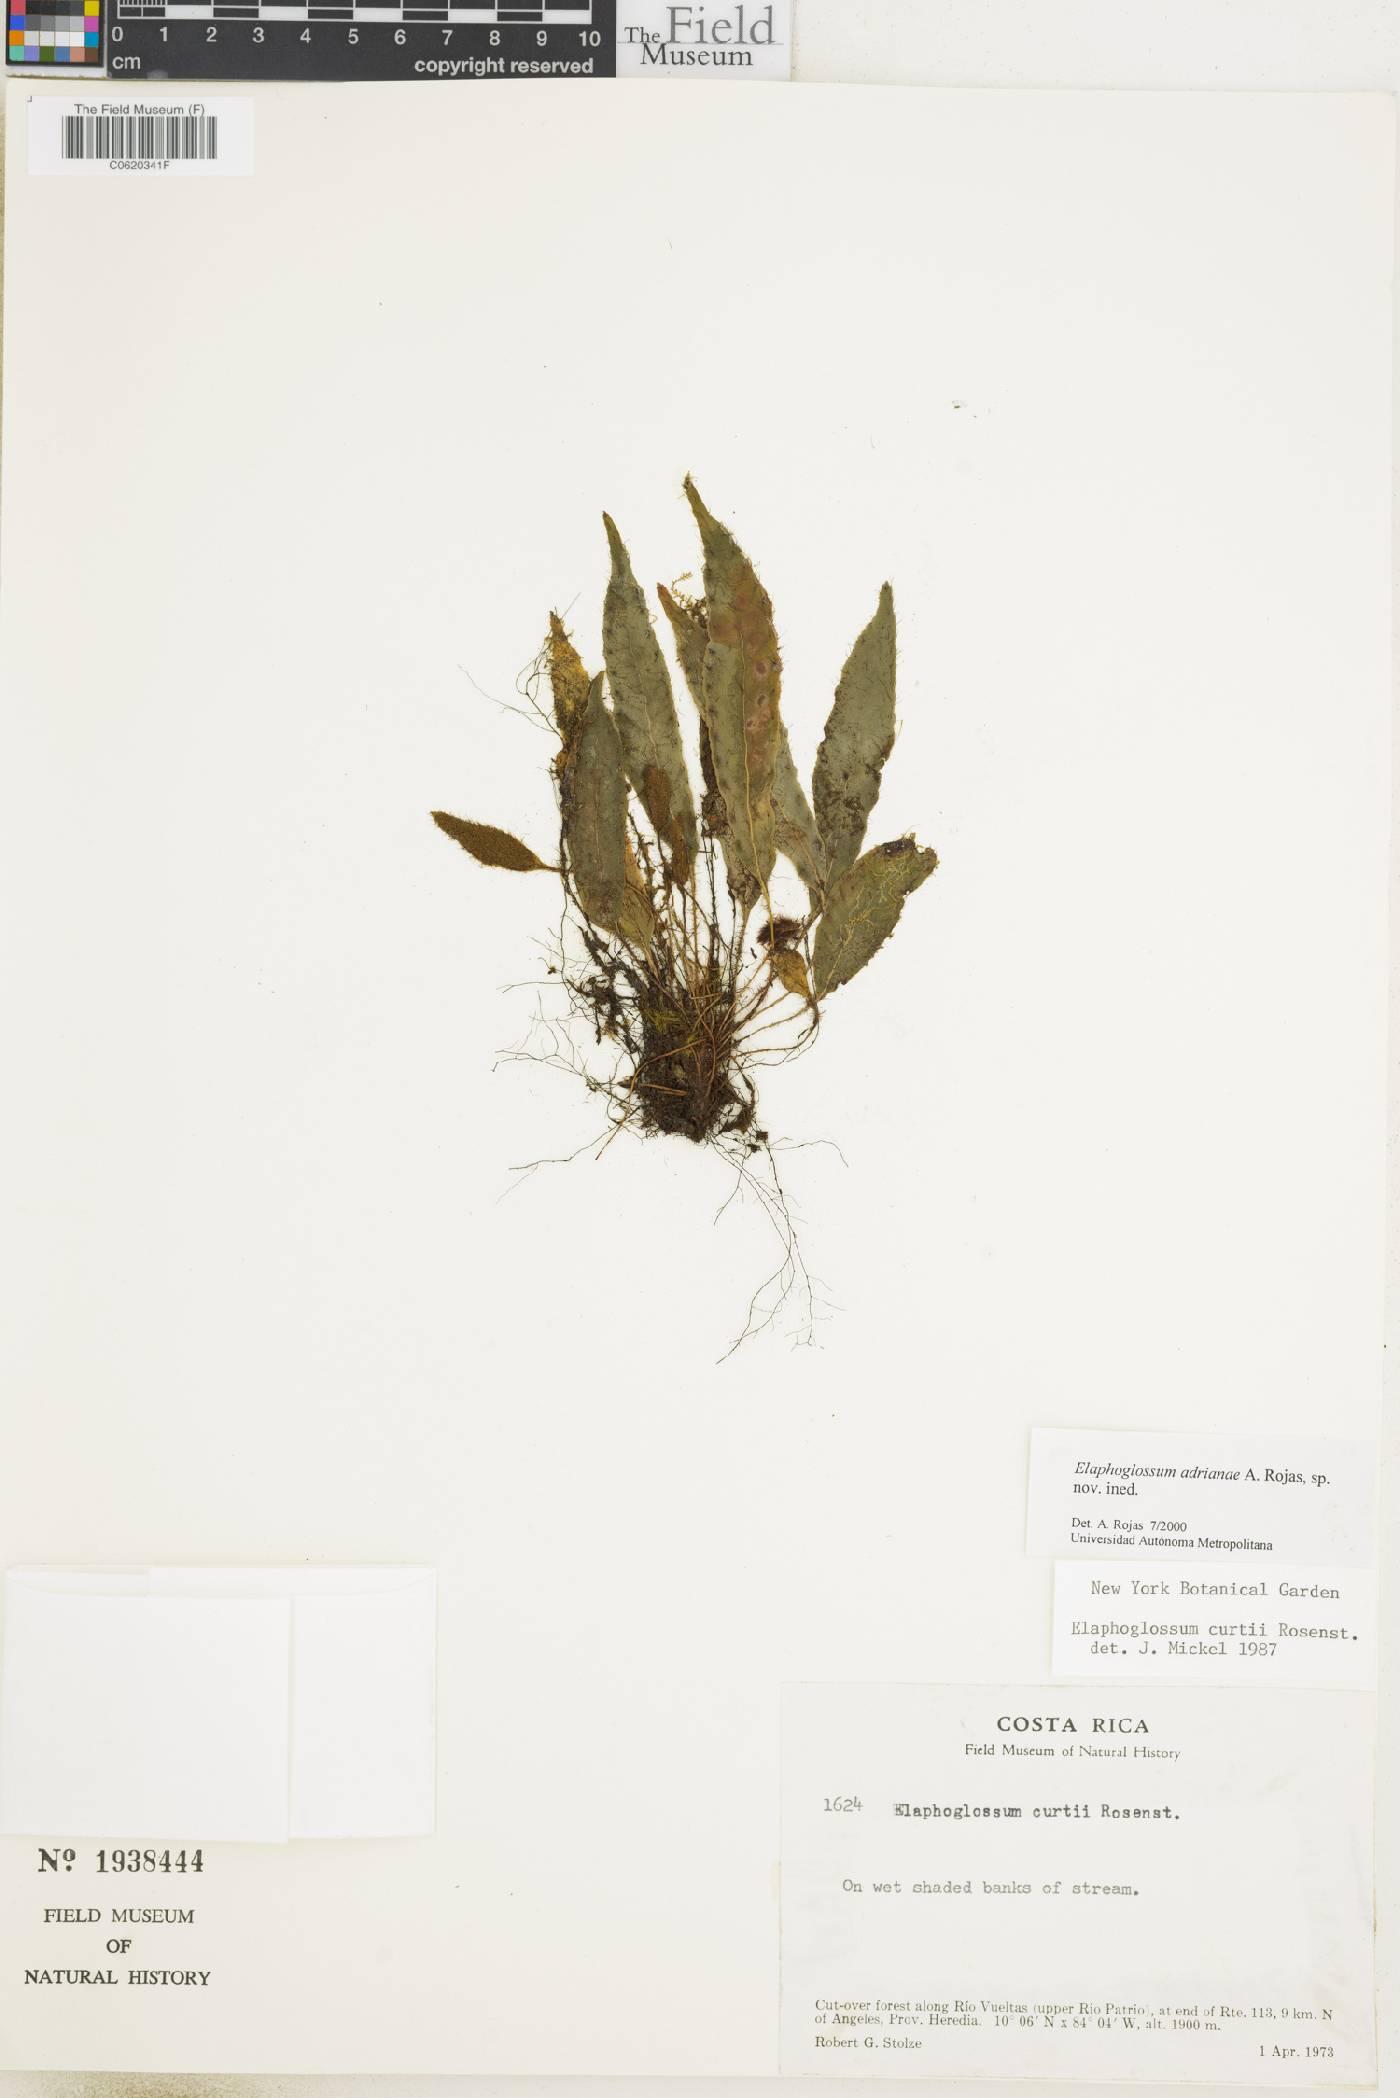 Elaphoglossum adrianae image